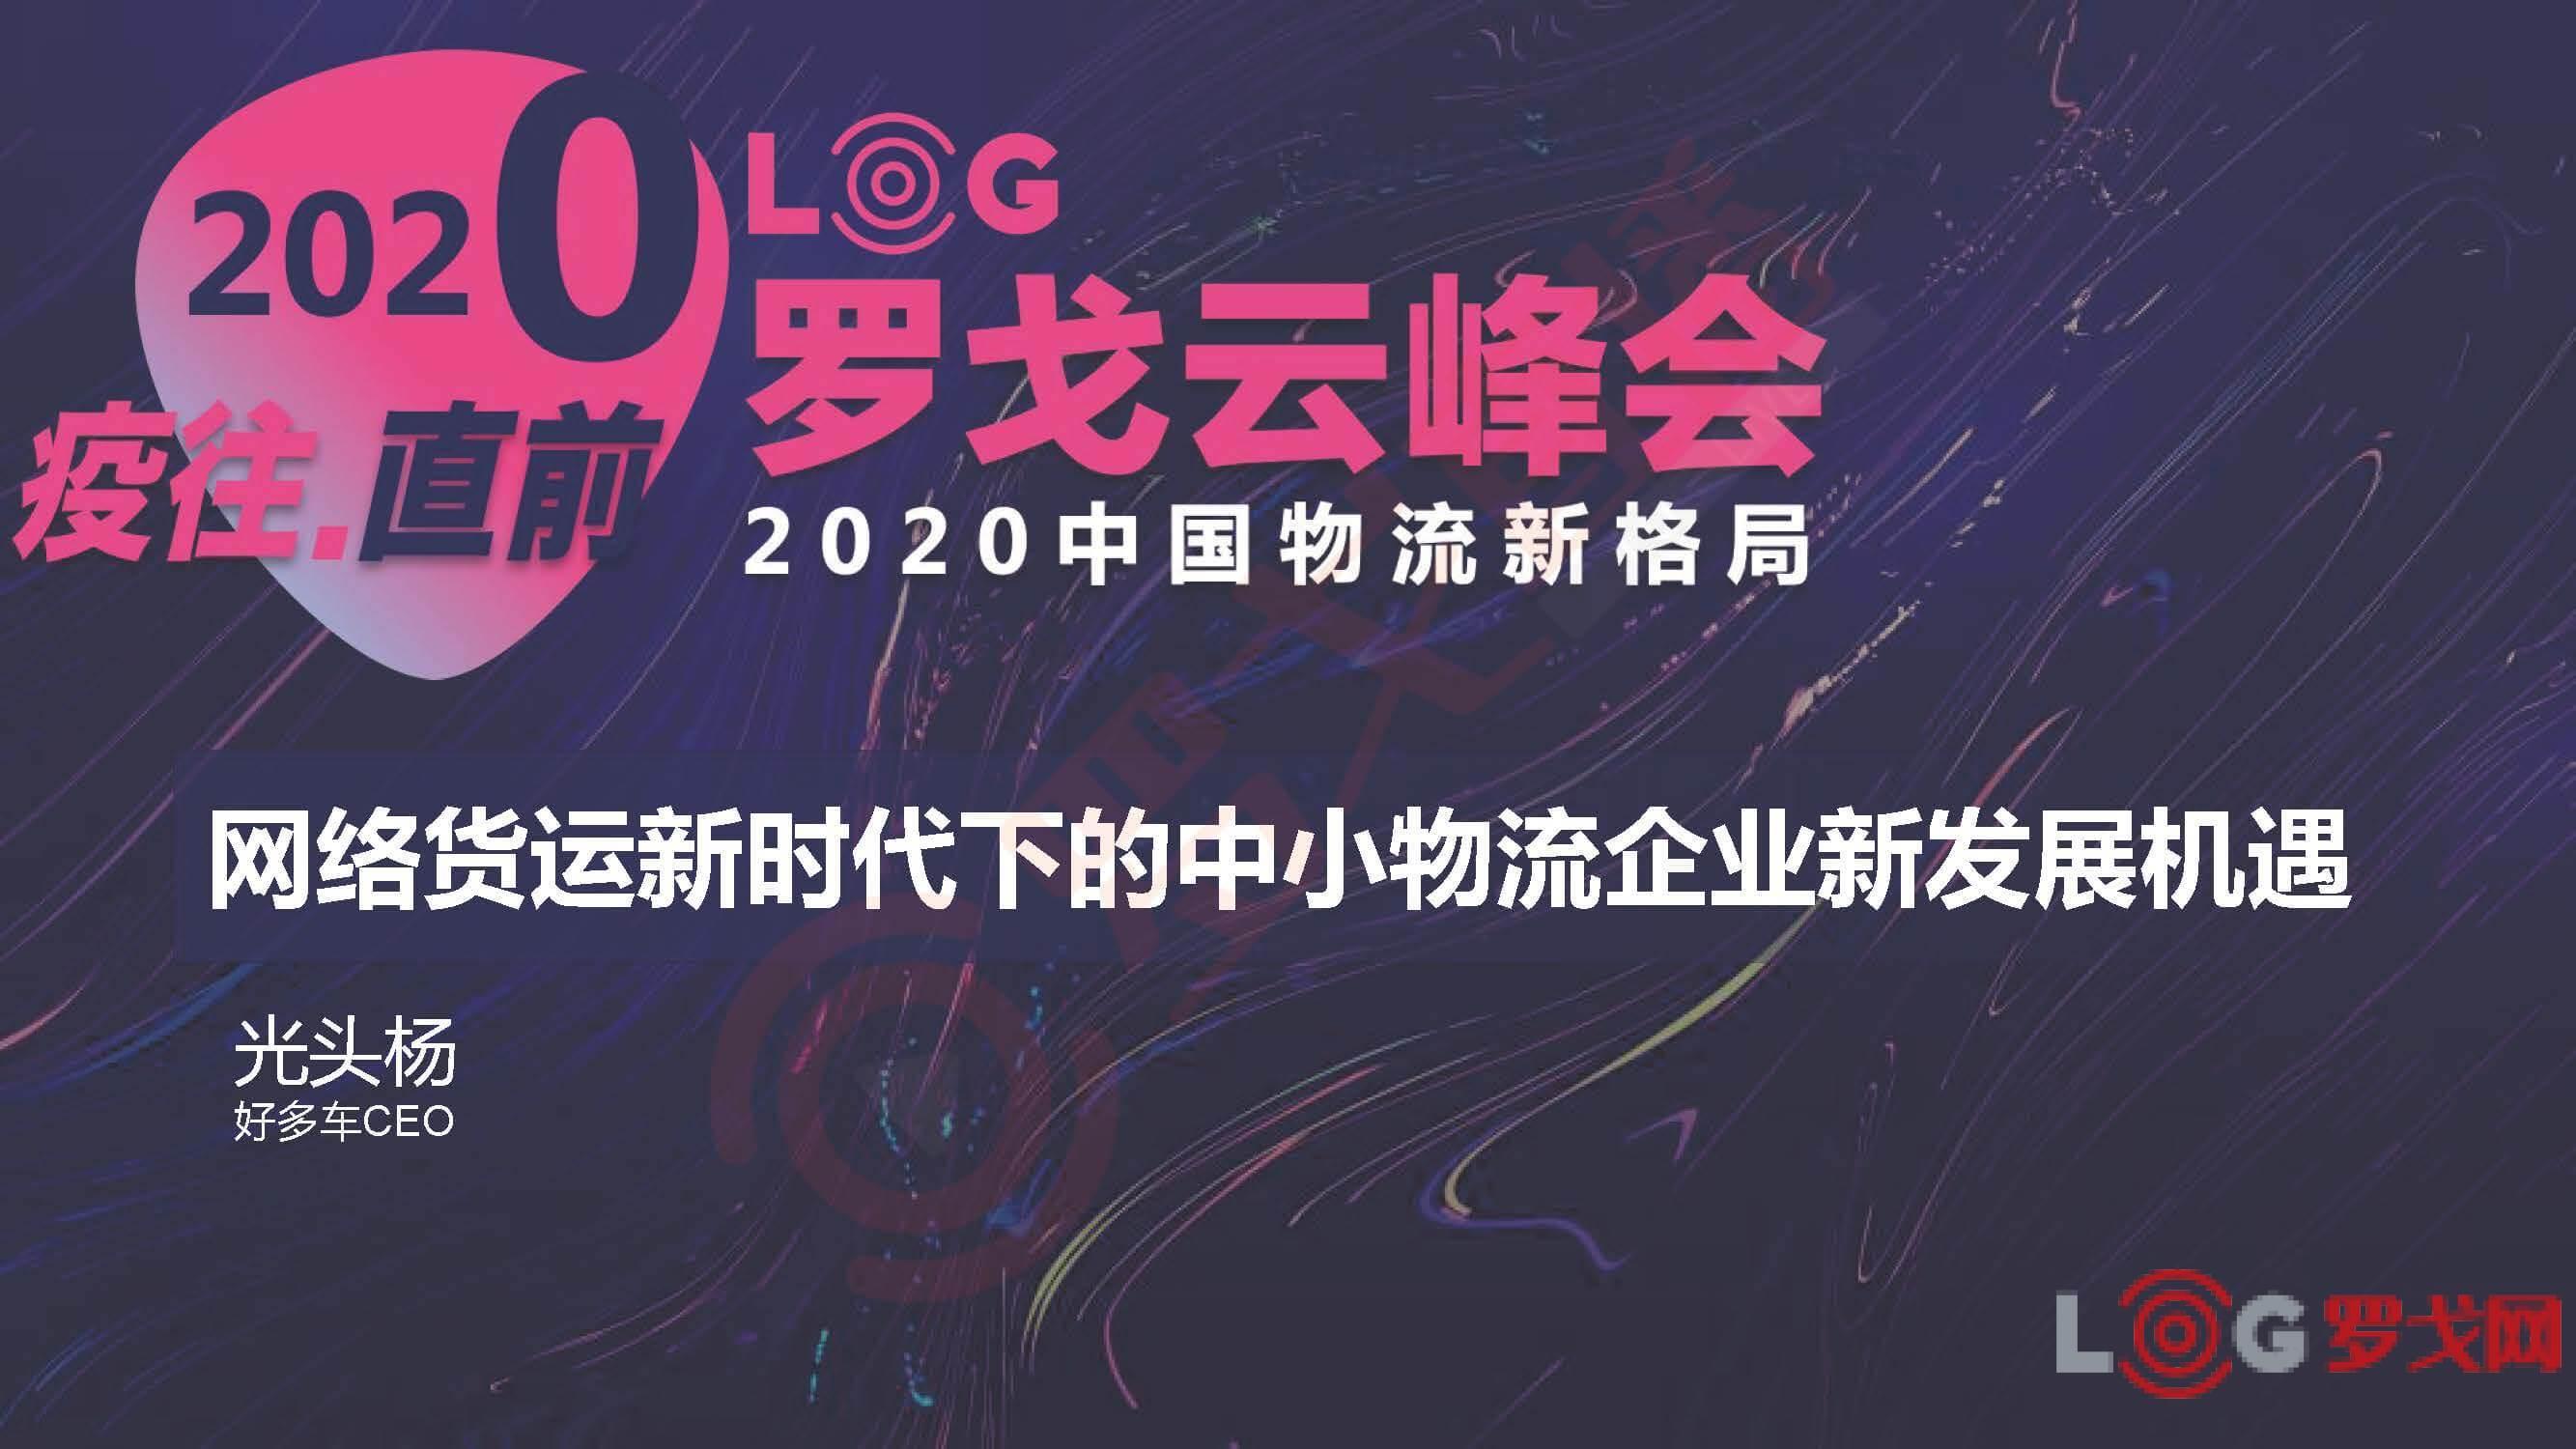 好多车CEO杨叶龙:网络货运新时代下的中小物流企业新发展机遇